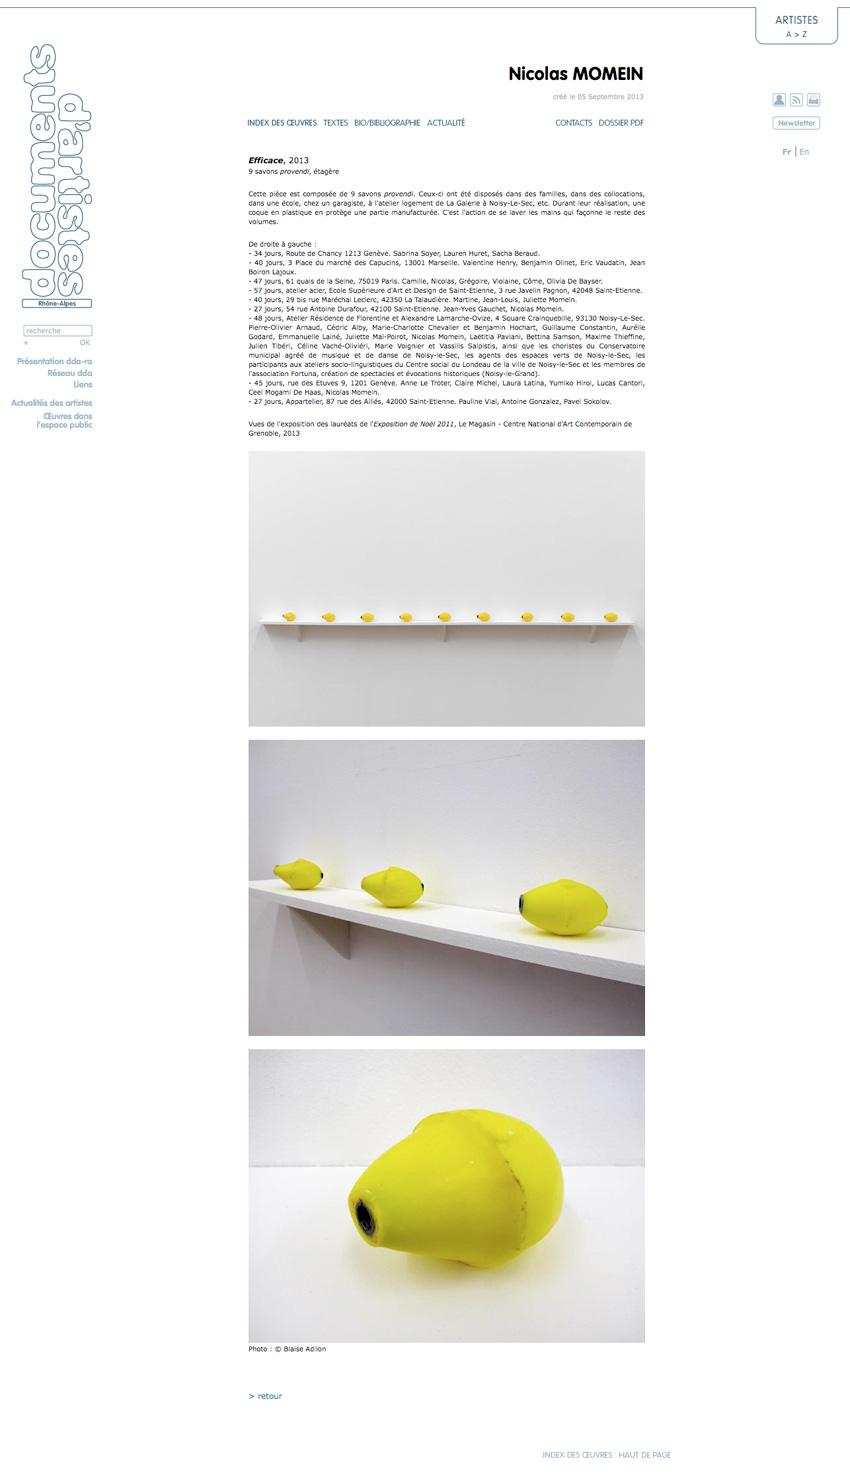 capture écran de la fiche oeuvre, Efficace, 2013 de Nicolas Momein  sur le site de Documents d'Artistes Rhône-Alpes dda-ra,